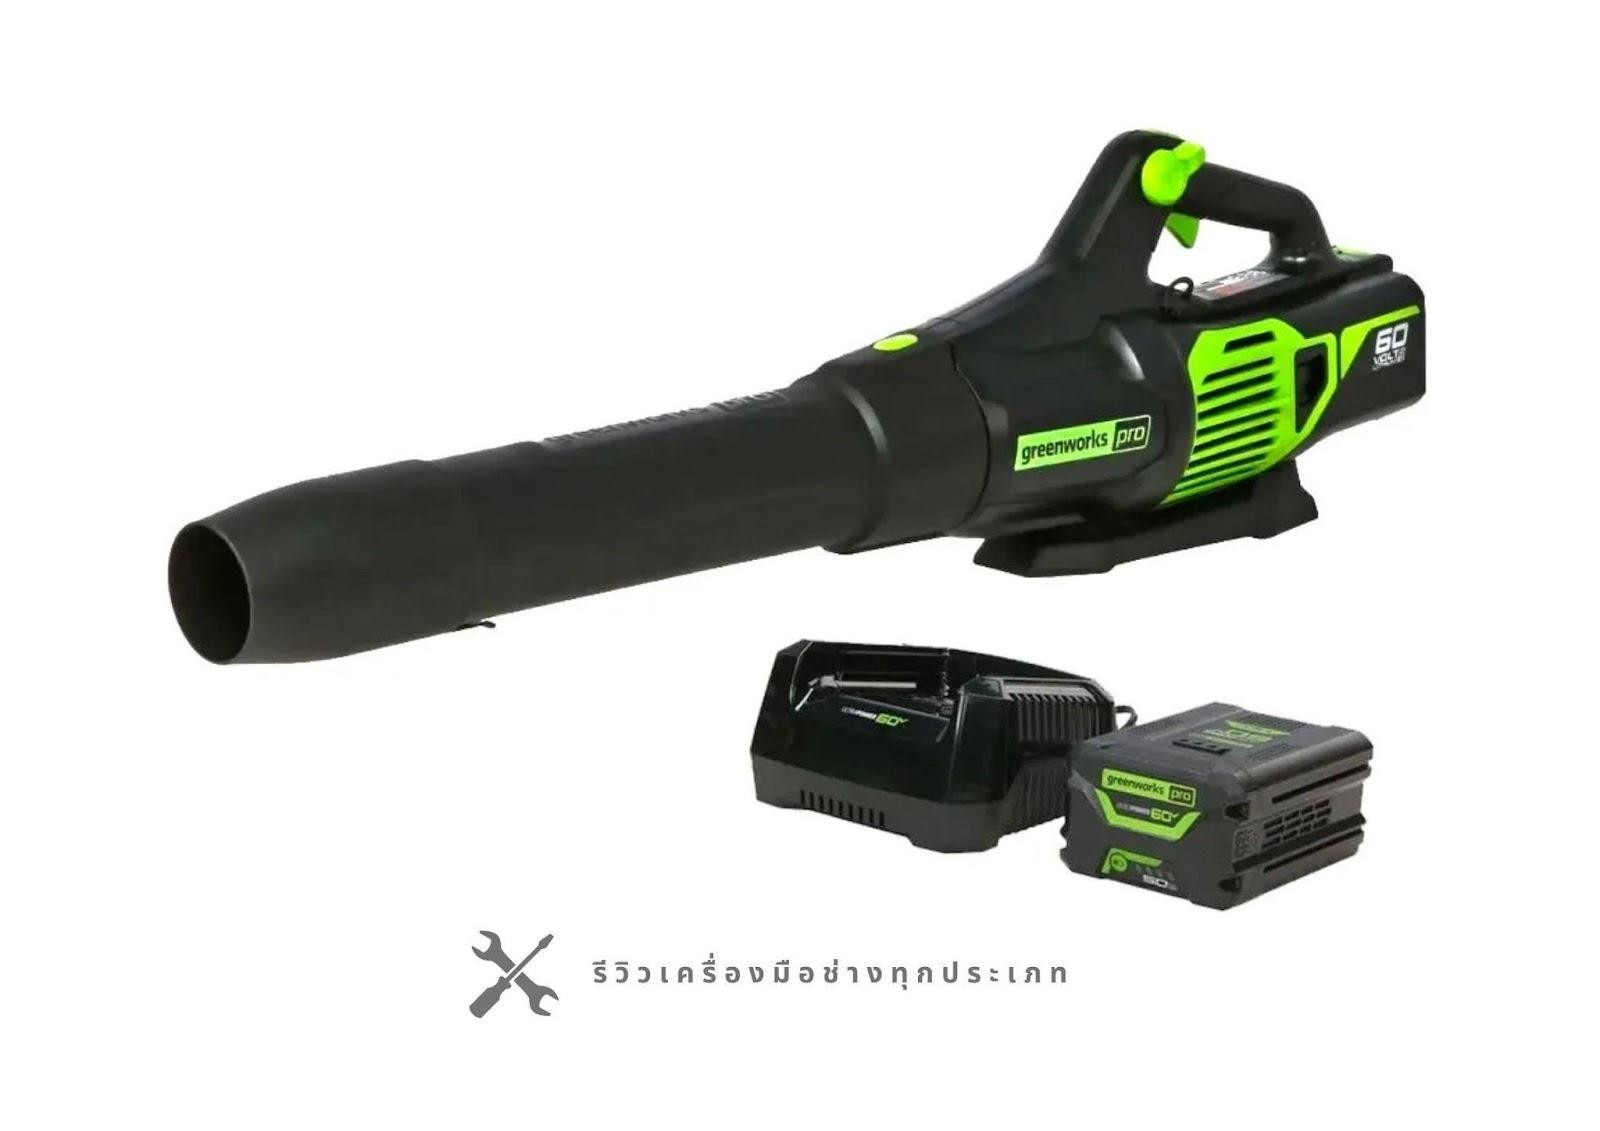 Greenworks Pro 60V 700 CFM Blower